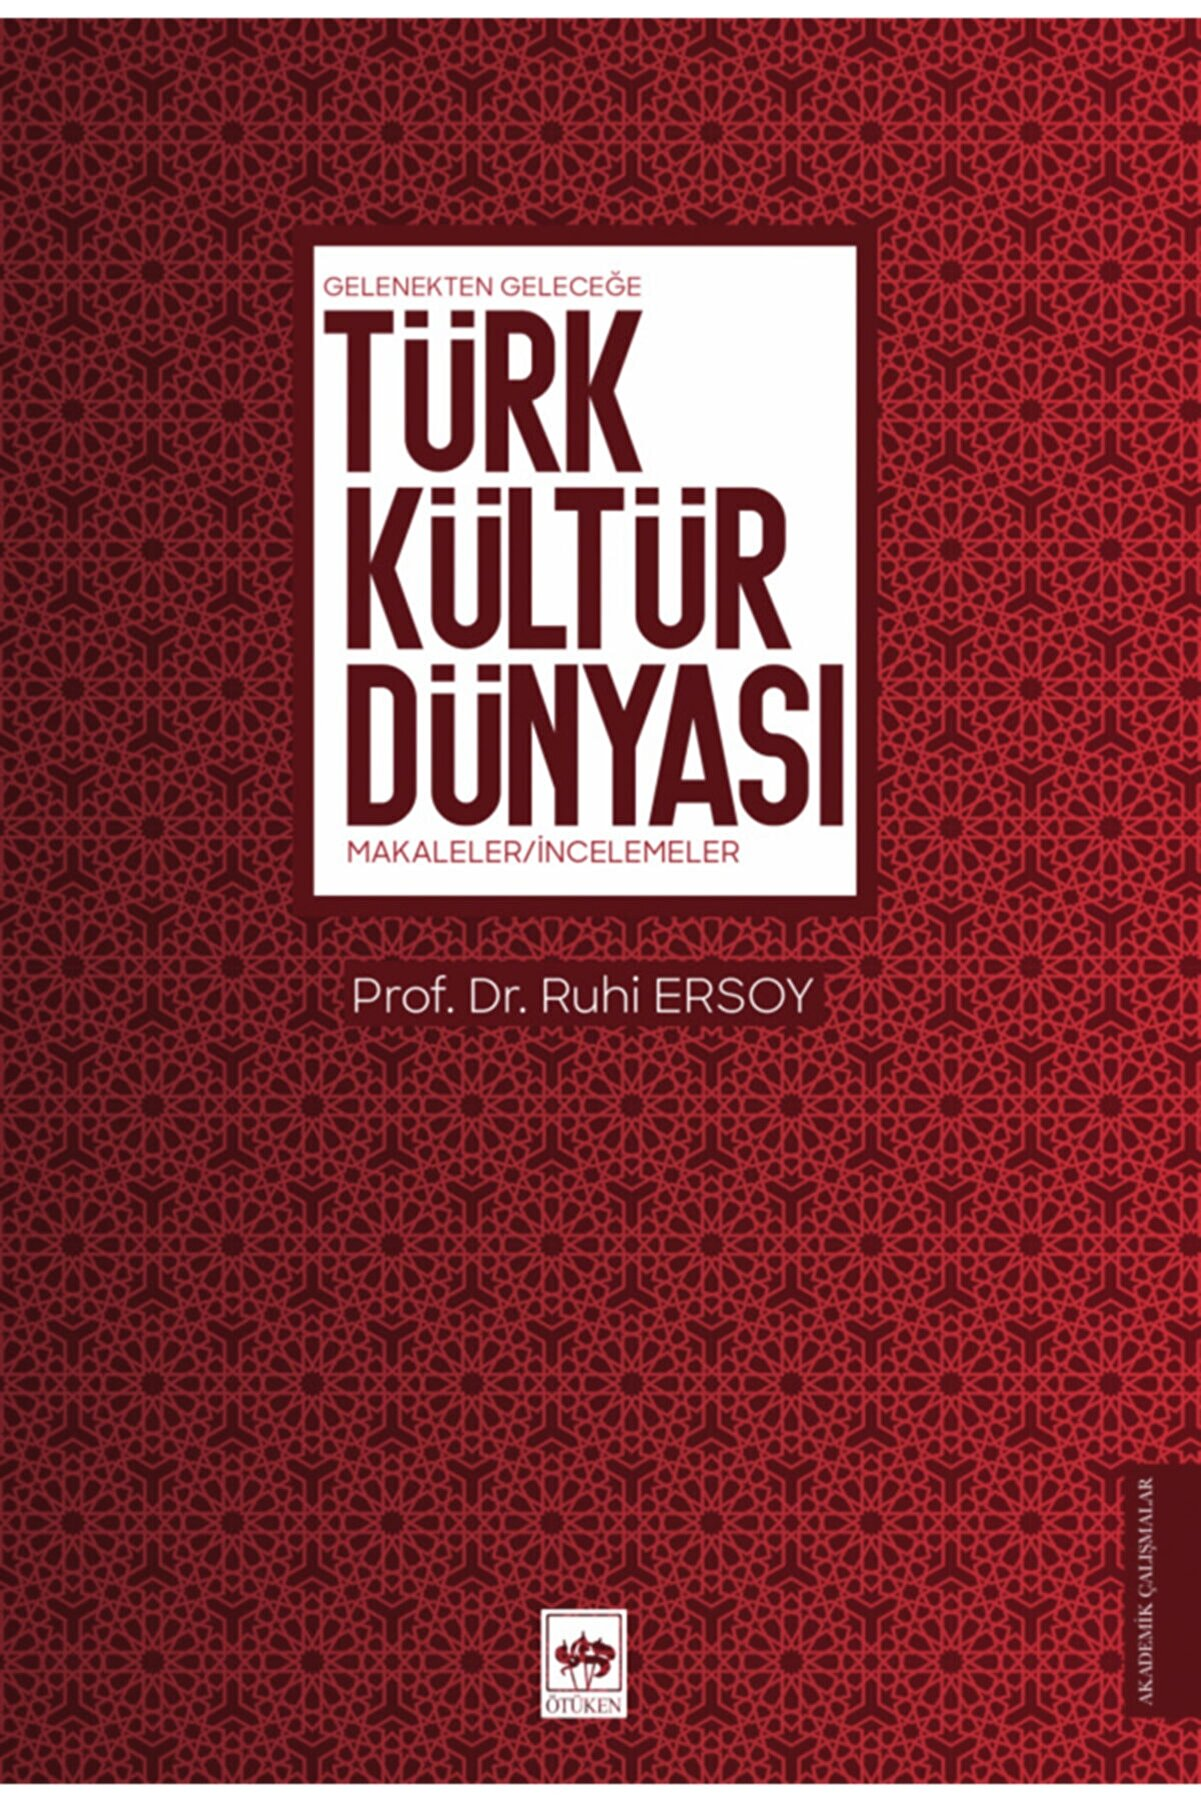 Ötüken Yayınları Türk Kültür Dünyası